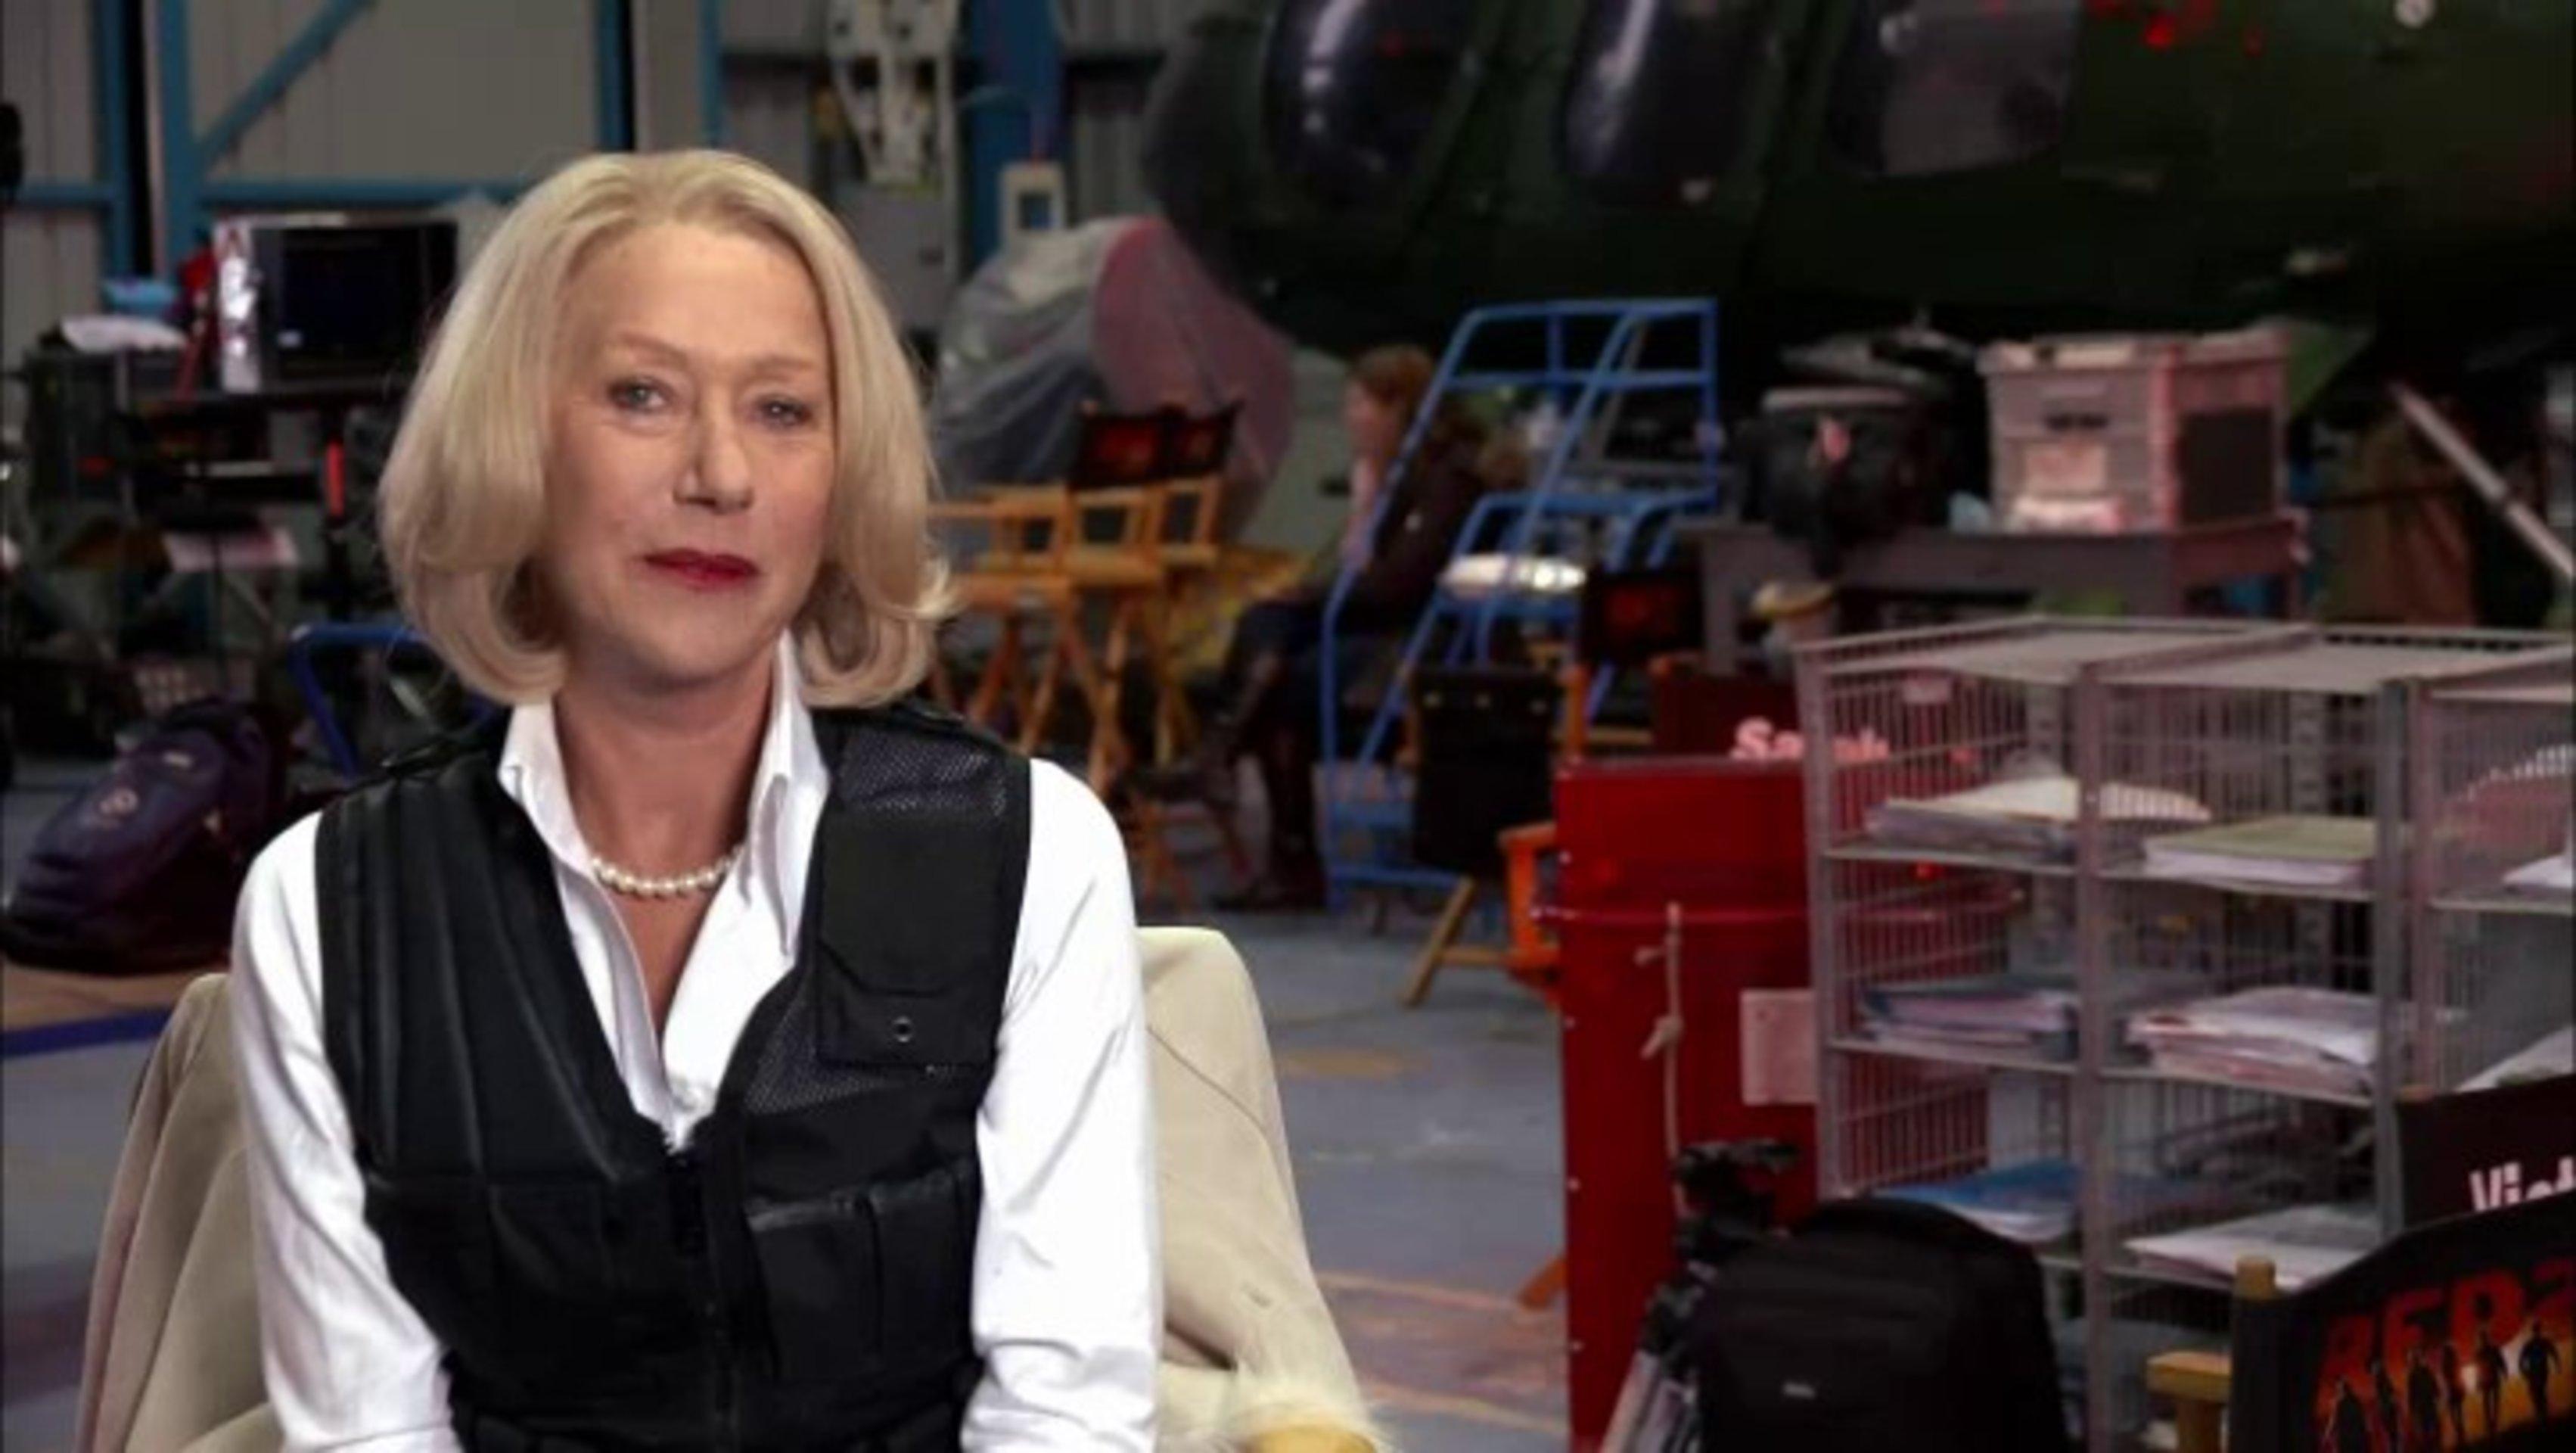 Filmkritik: R.E.D. – Älter, Härter, Besser - iofp.de - Das ...